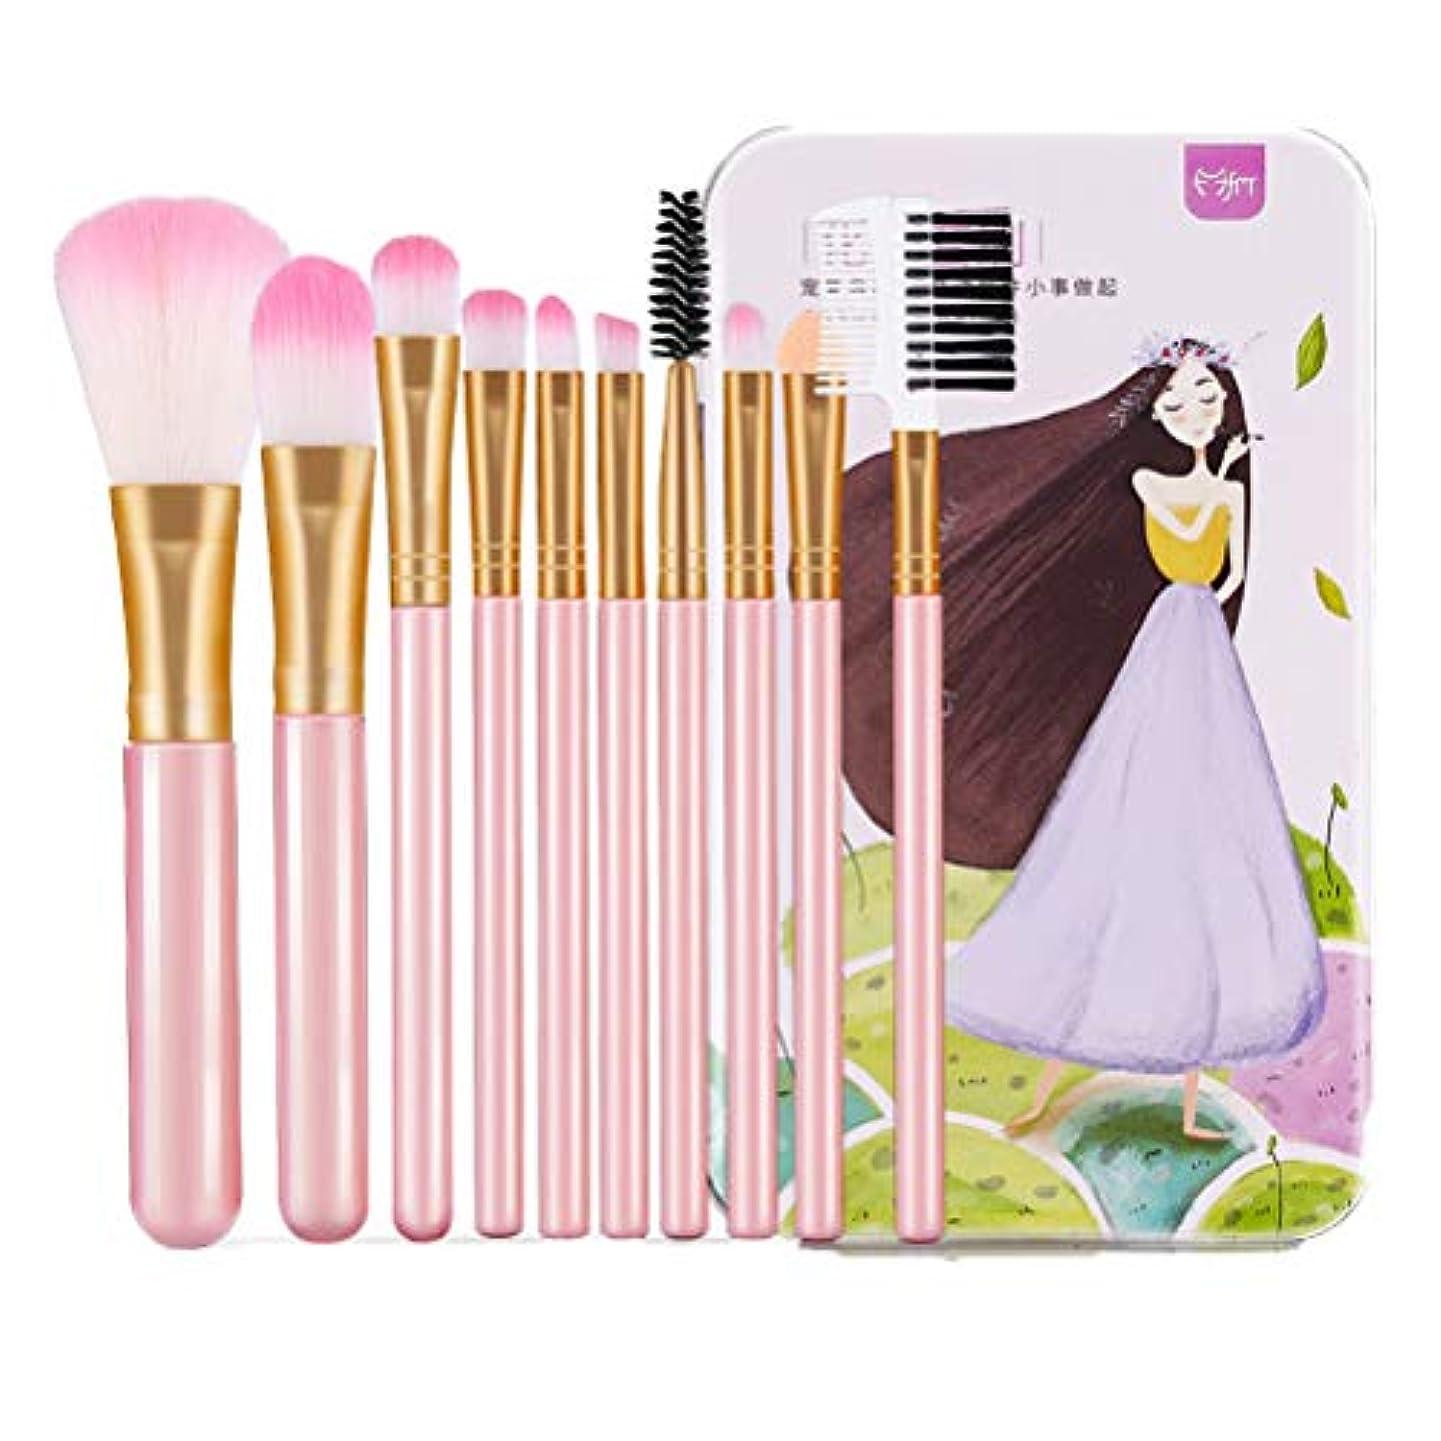 しなければならないマインド有名人LSHJP 化粧ブラシ セット 女性 10個 きれいめ 便利 ビューティー 美人 ダンス 旅行 簡単 高品質 高品質 (Color : ピンク, Size : ワンサイズ)